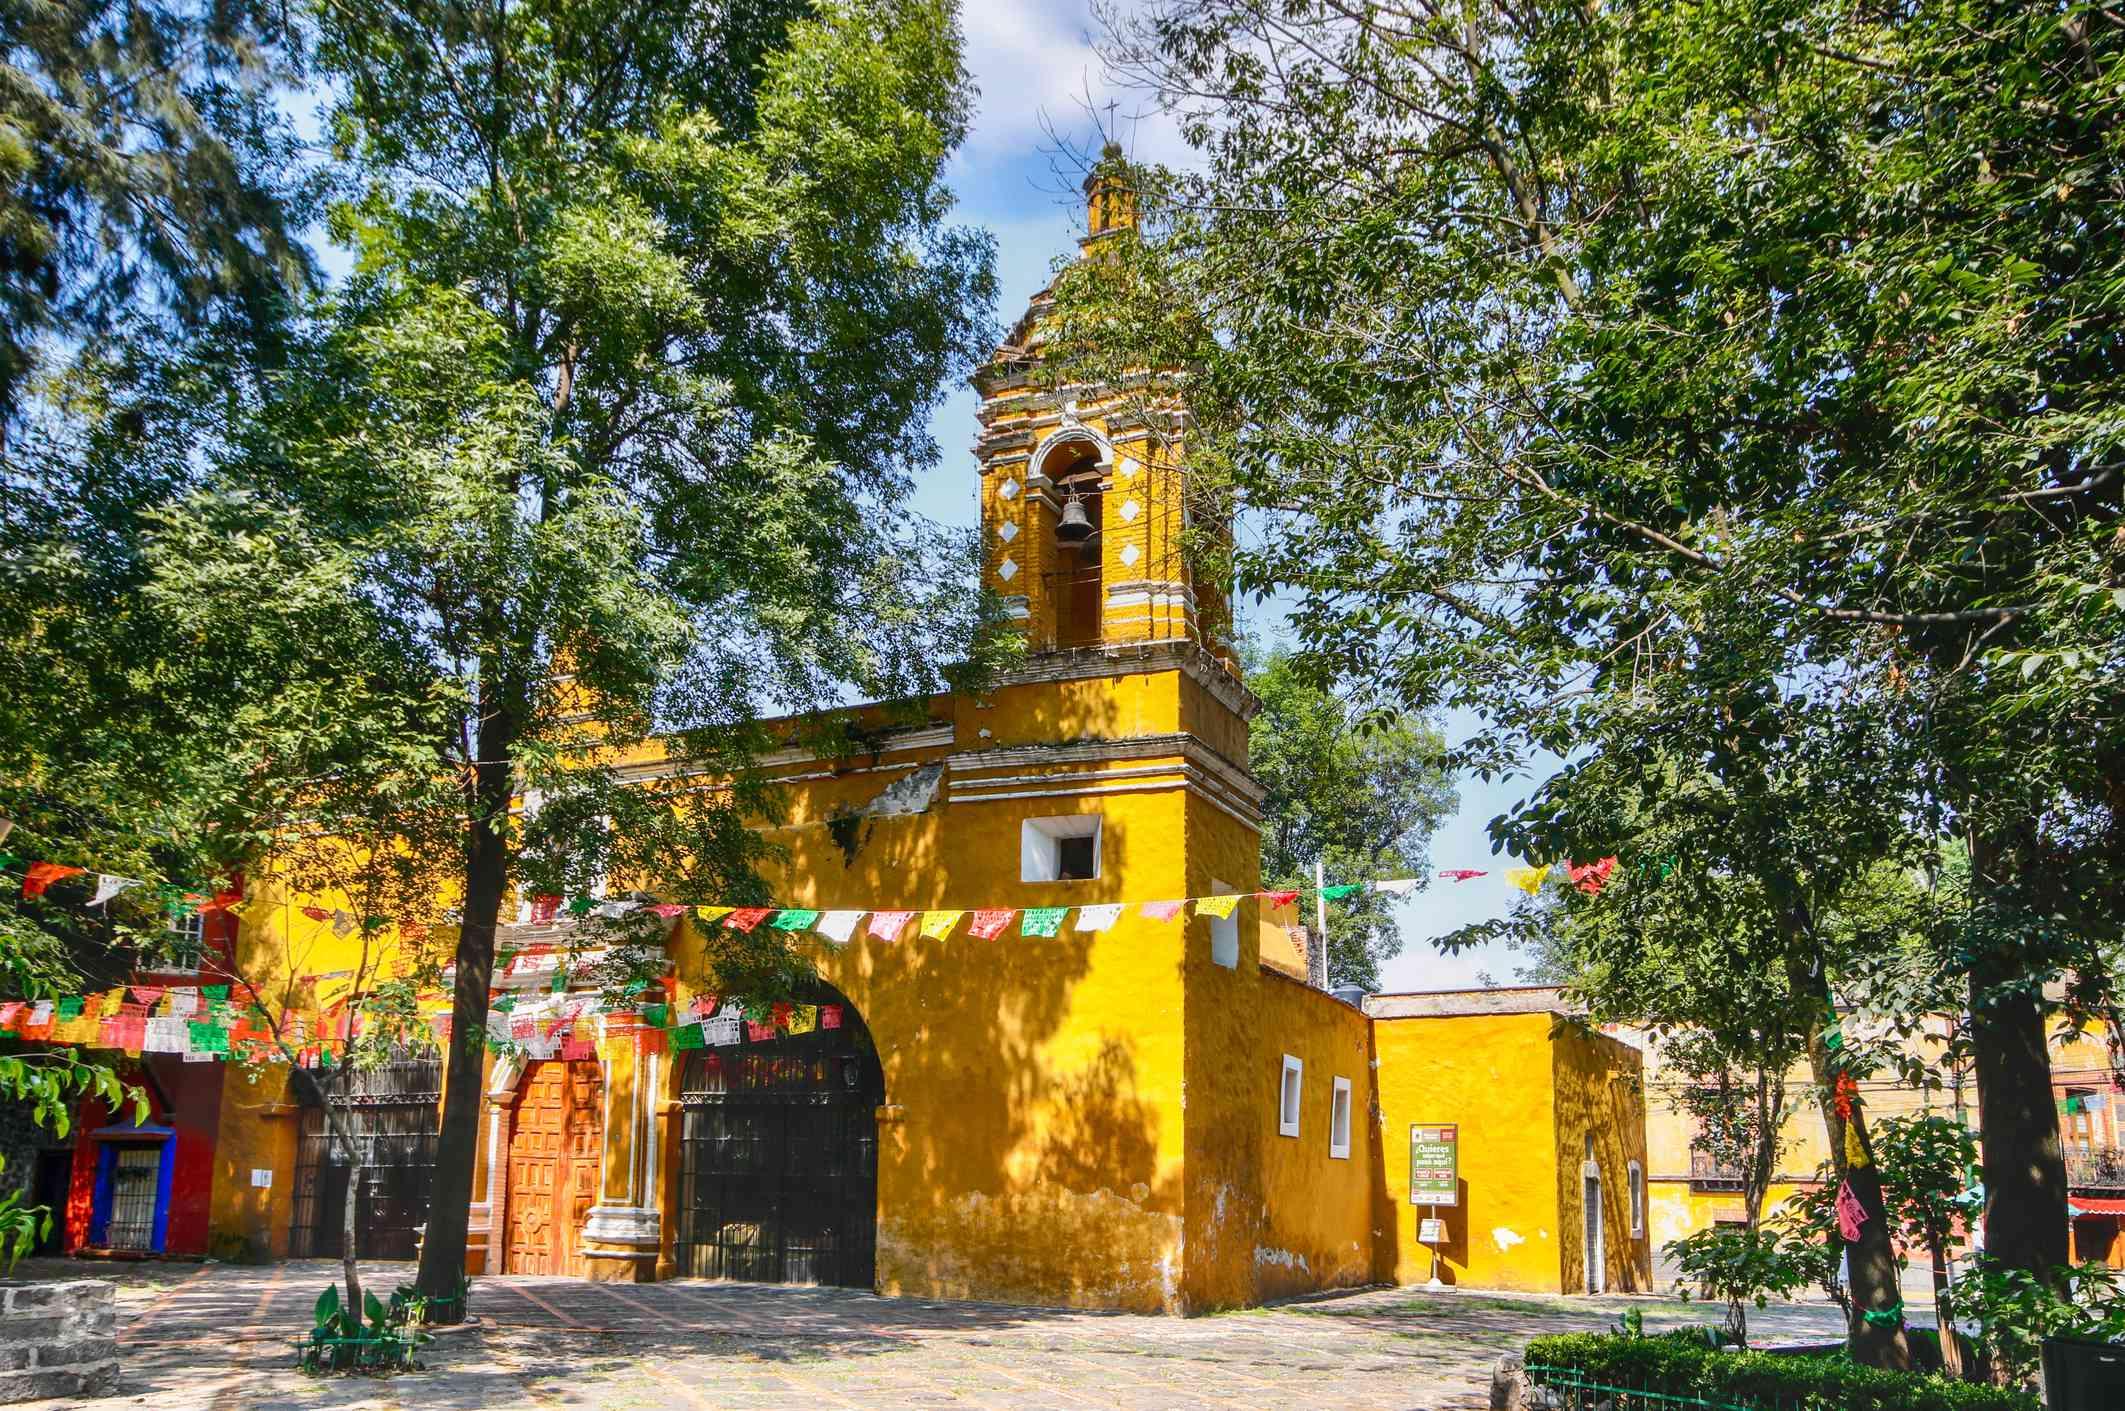 Iglesia de Santa Catarina en Coyoacán - Ciudad de México, México